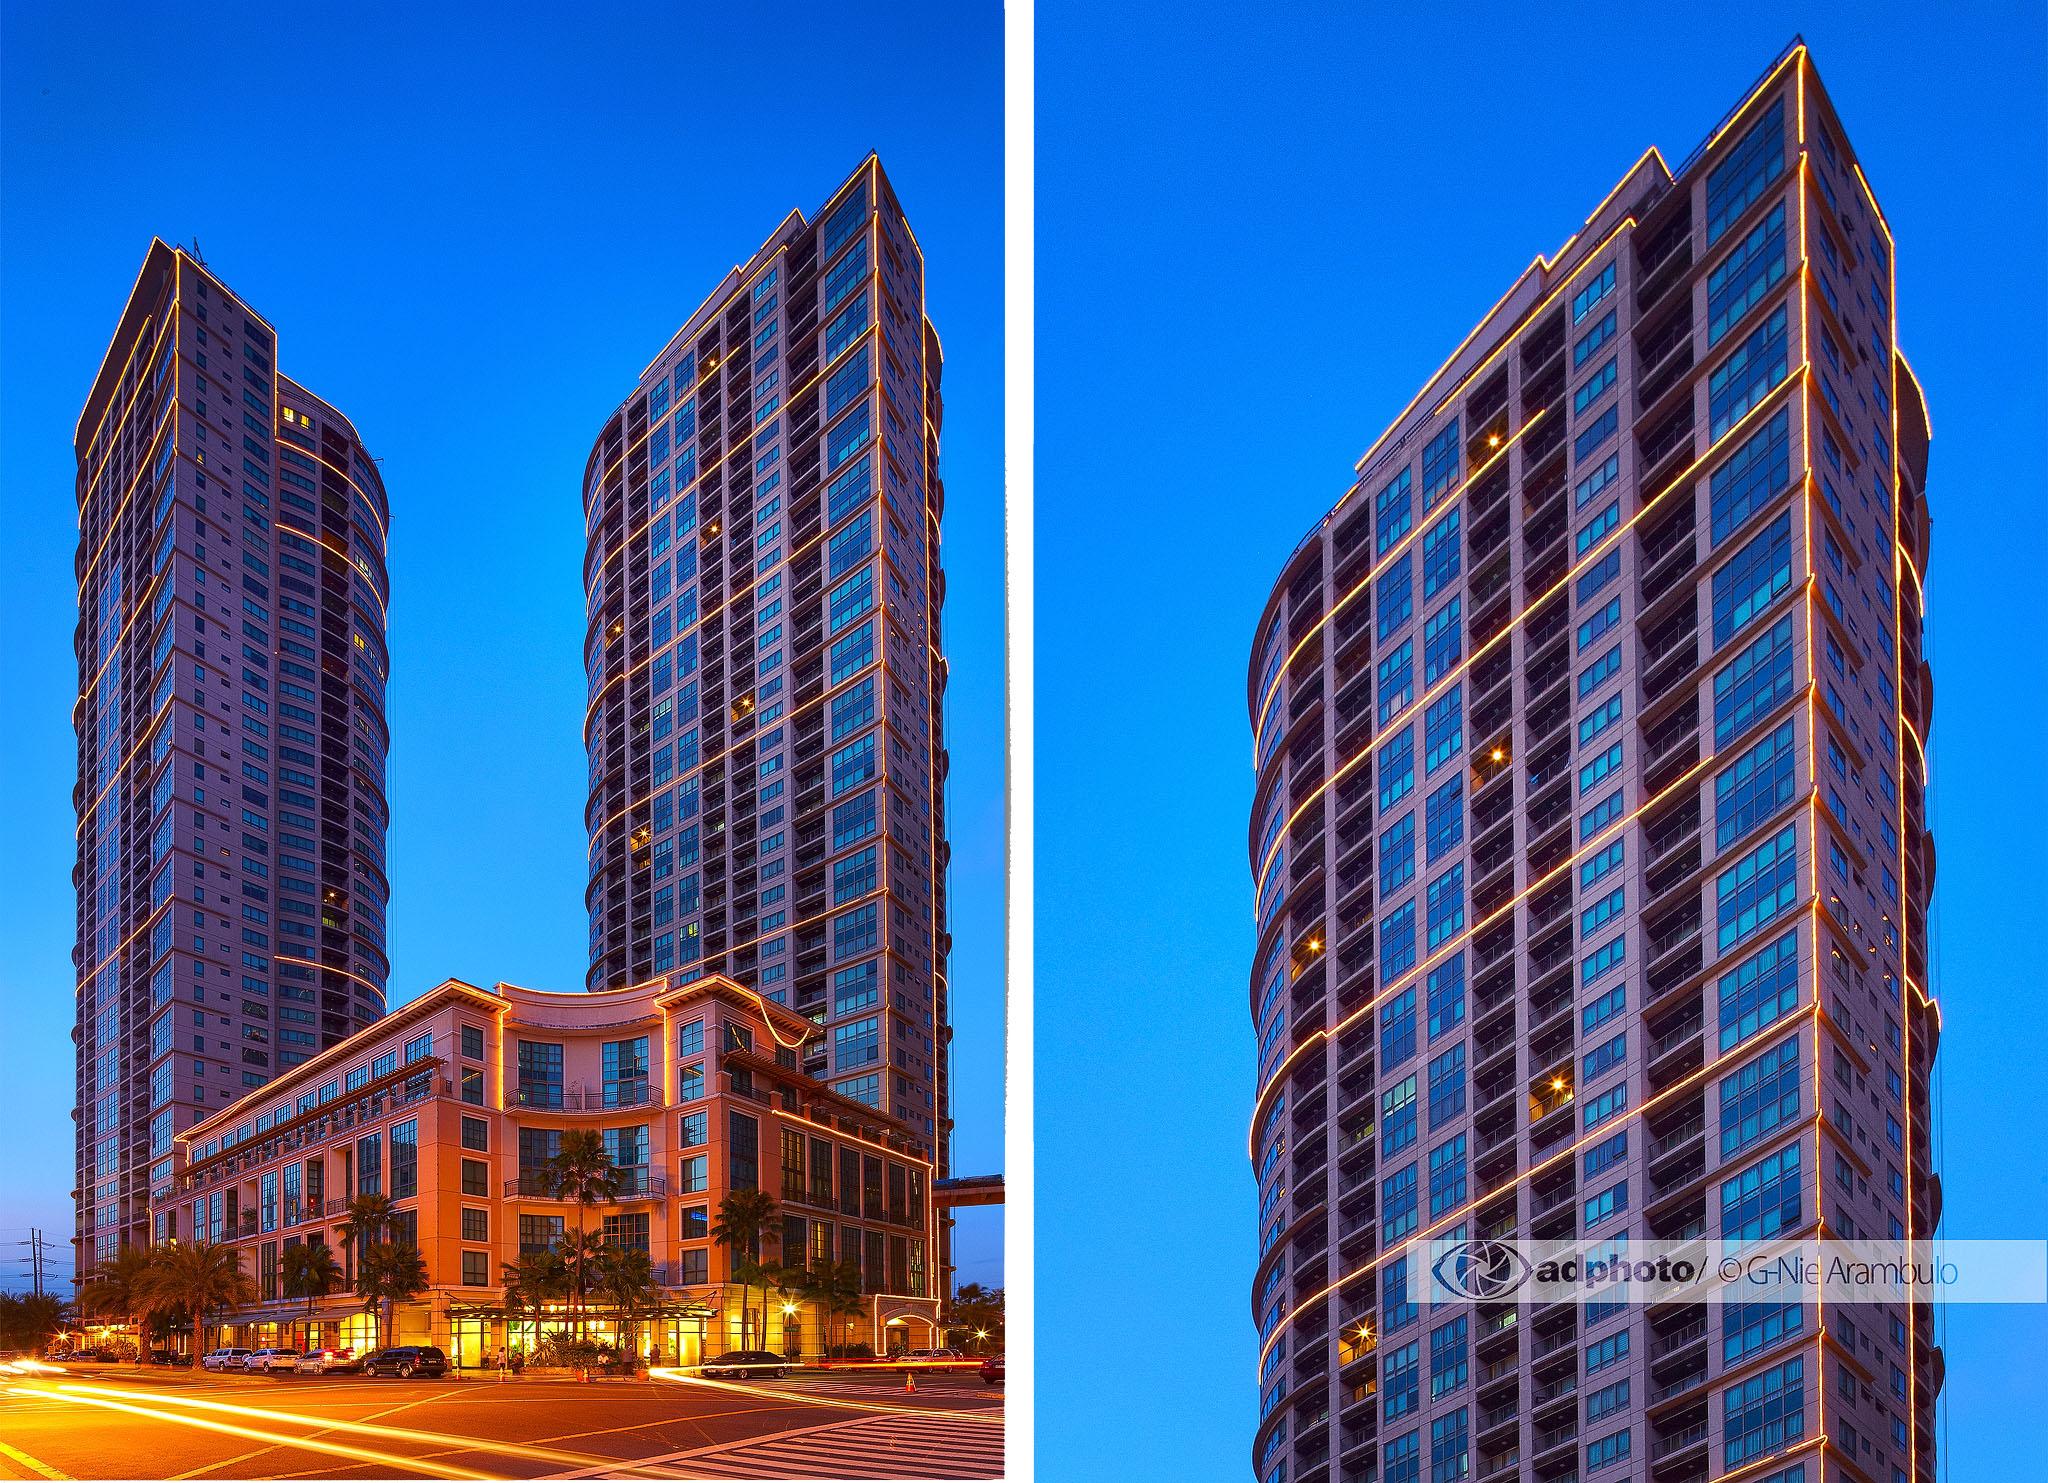 Architecture_G-Nie Arambulo_4.jpg